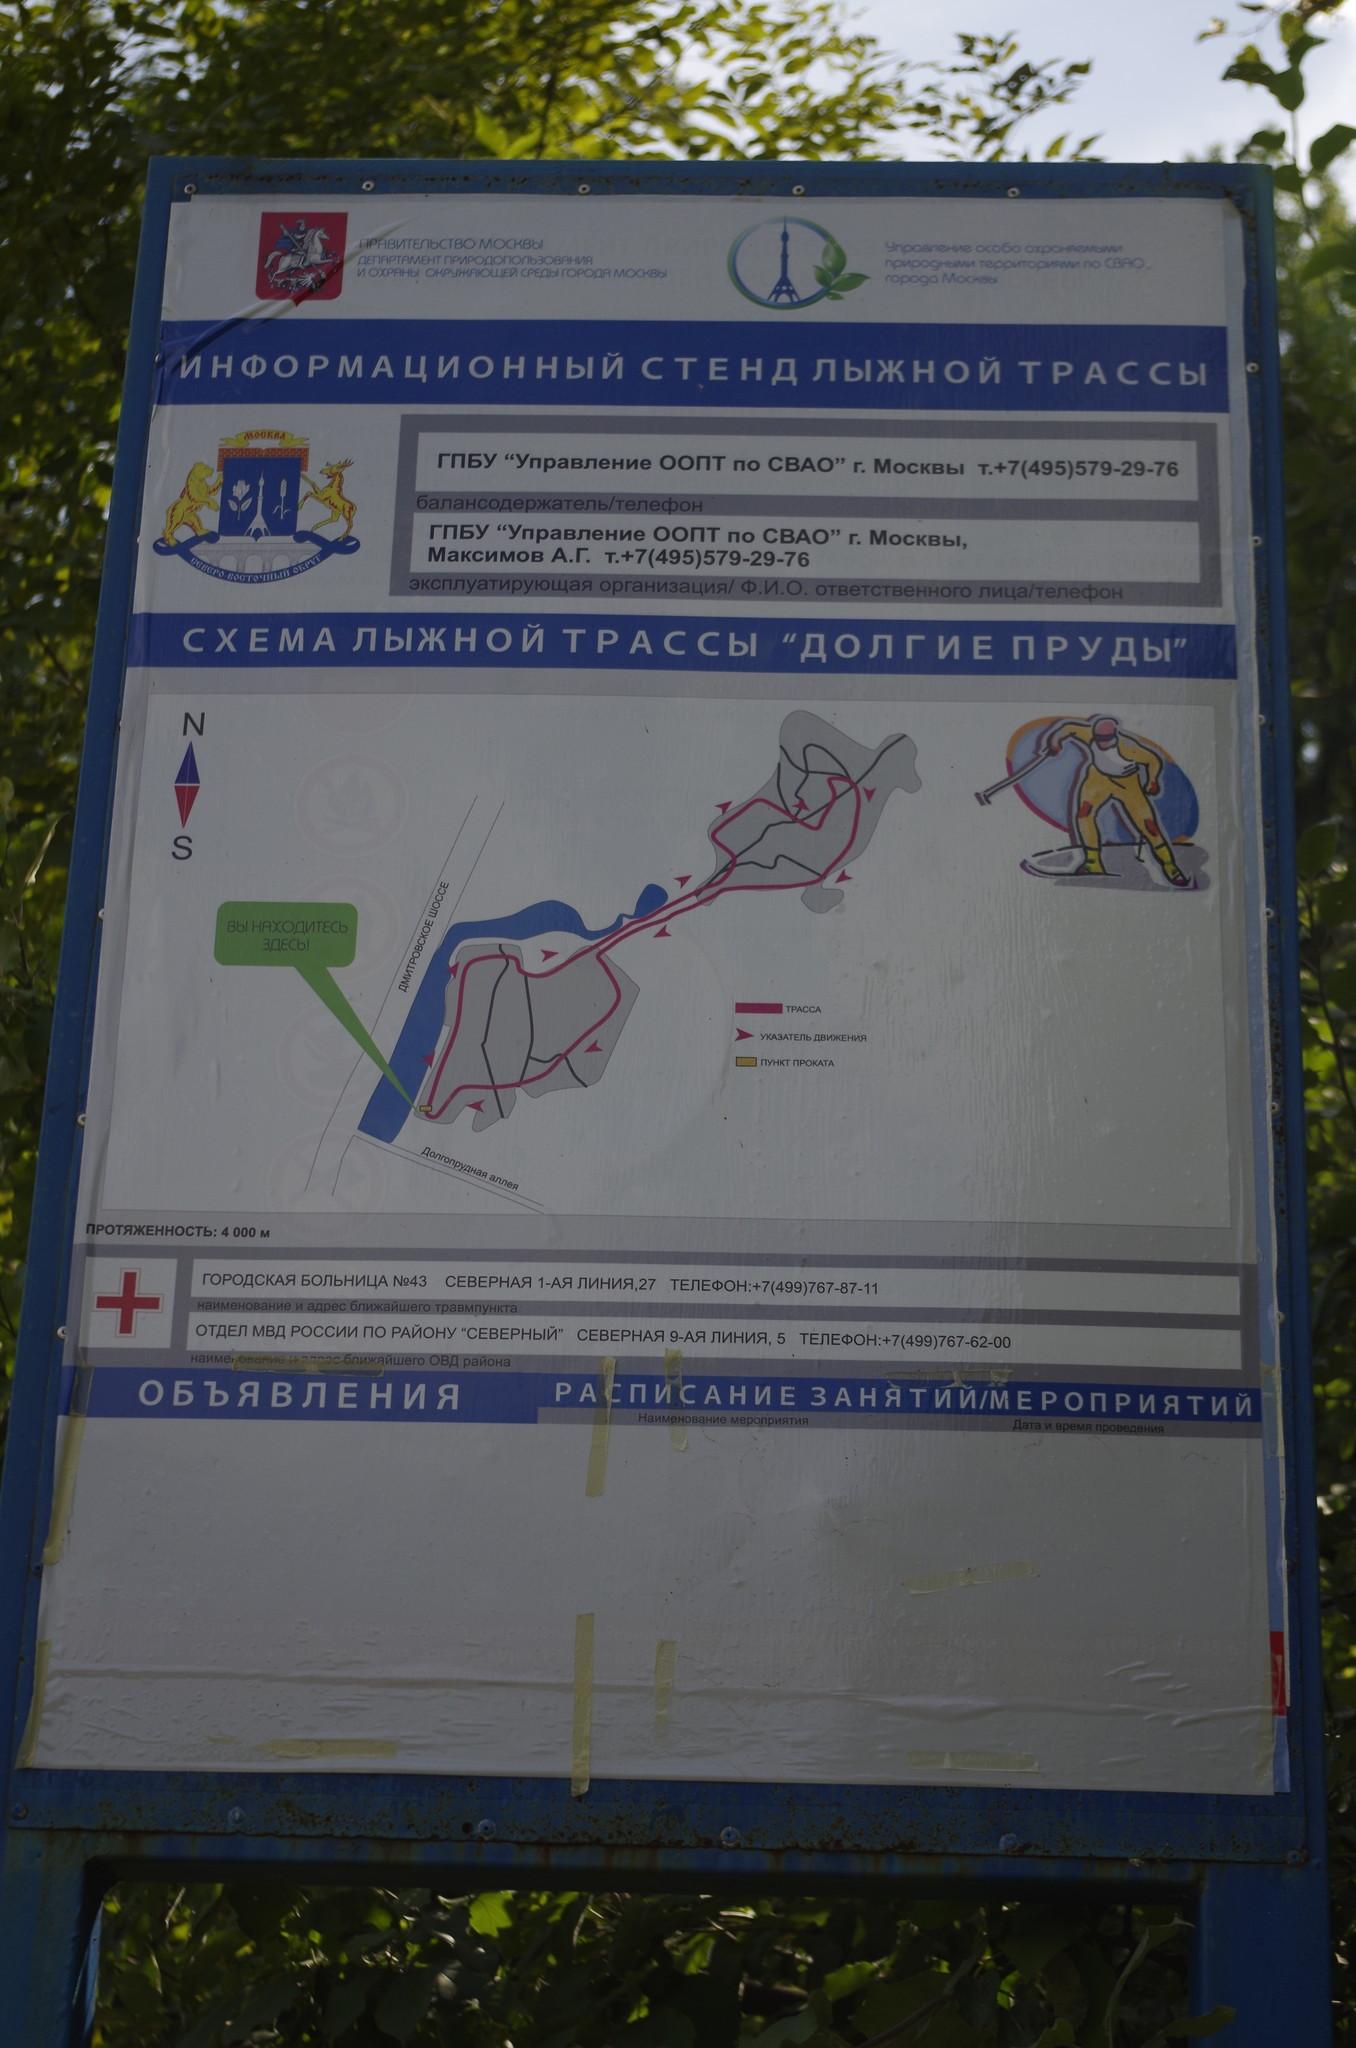 Схема лыжной трассы